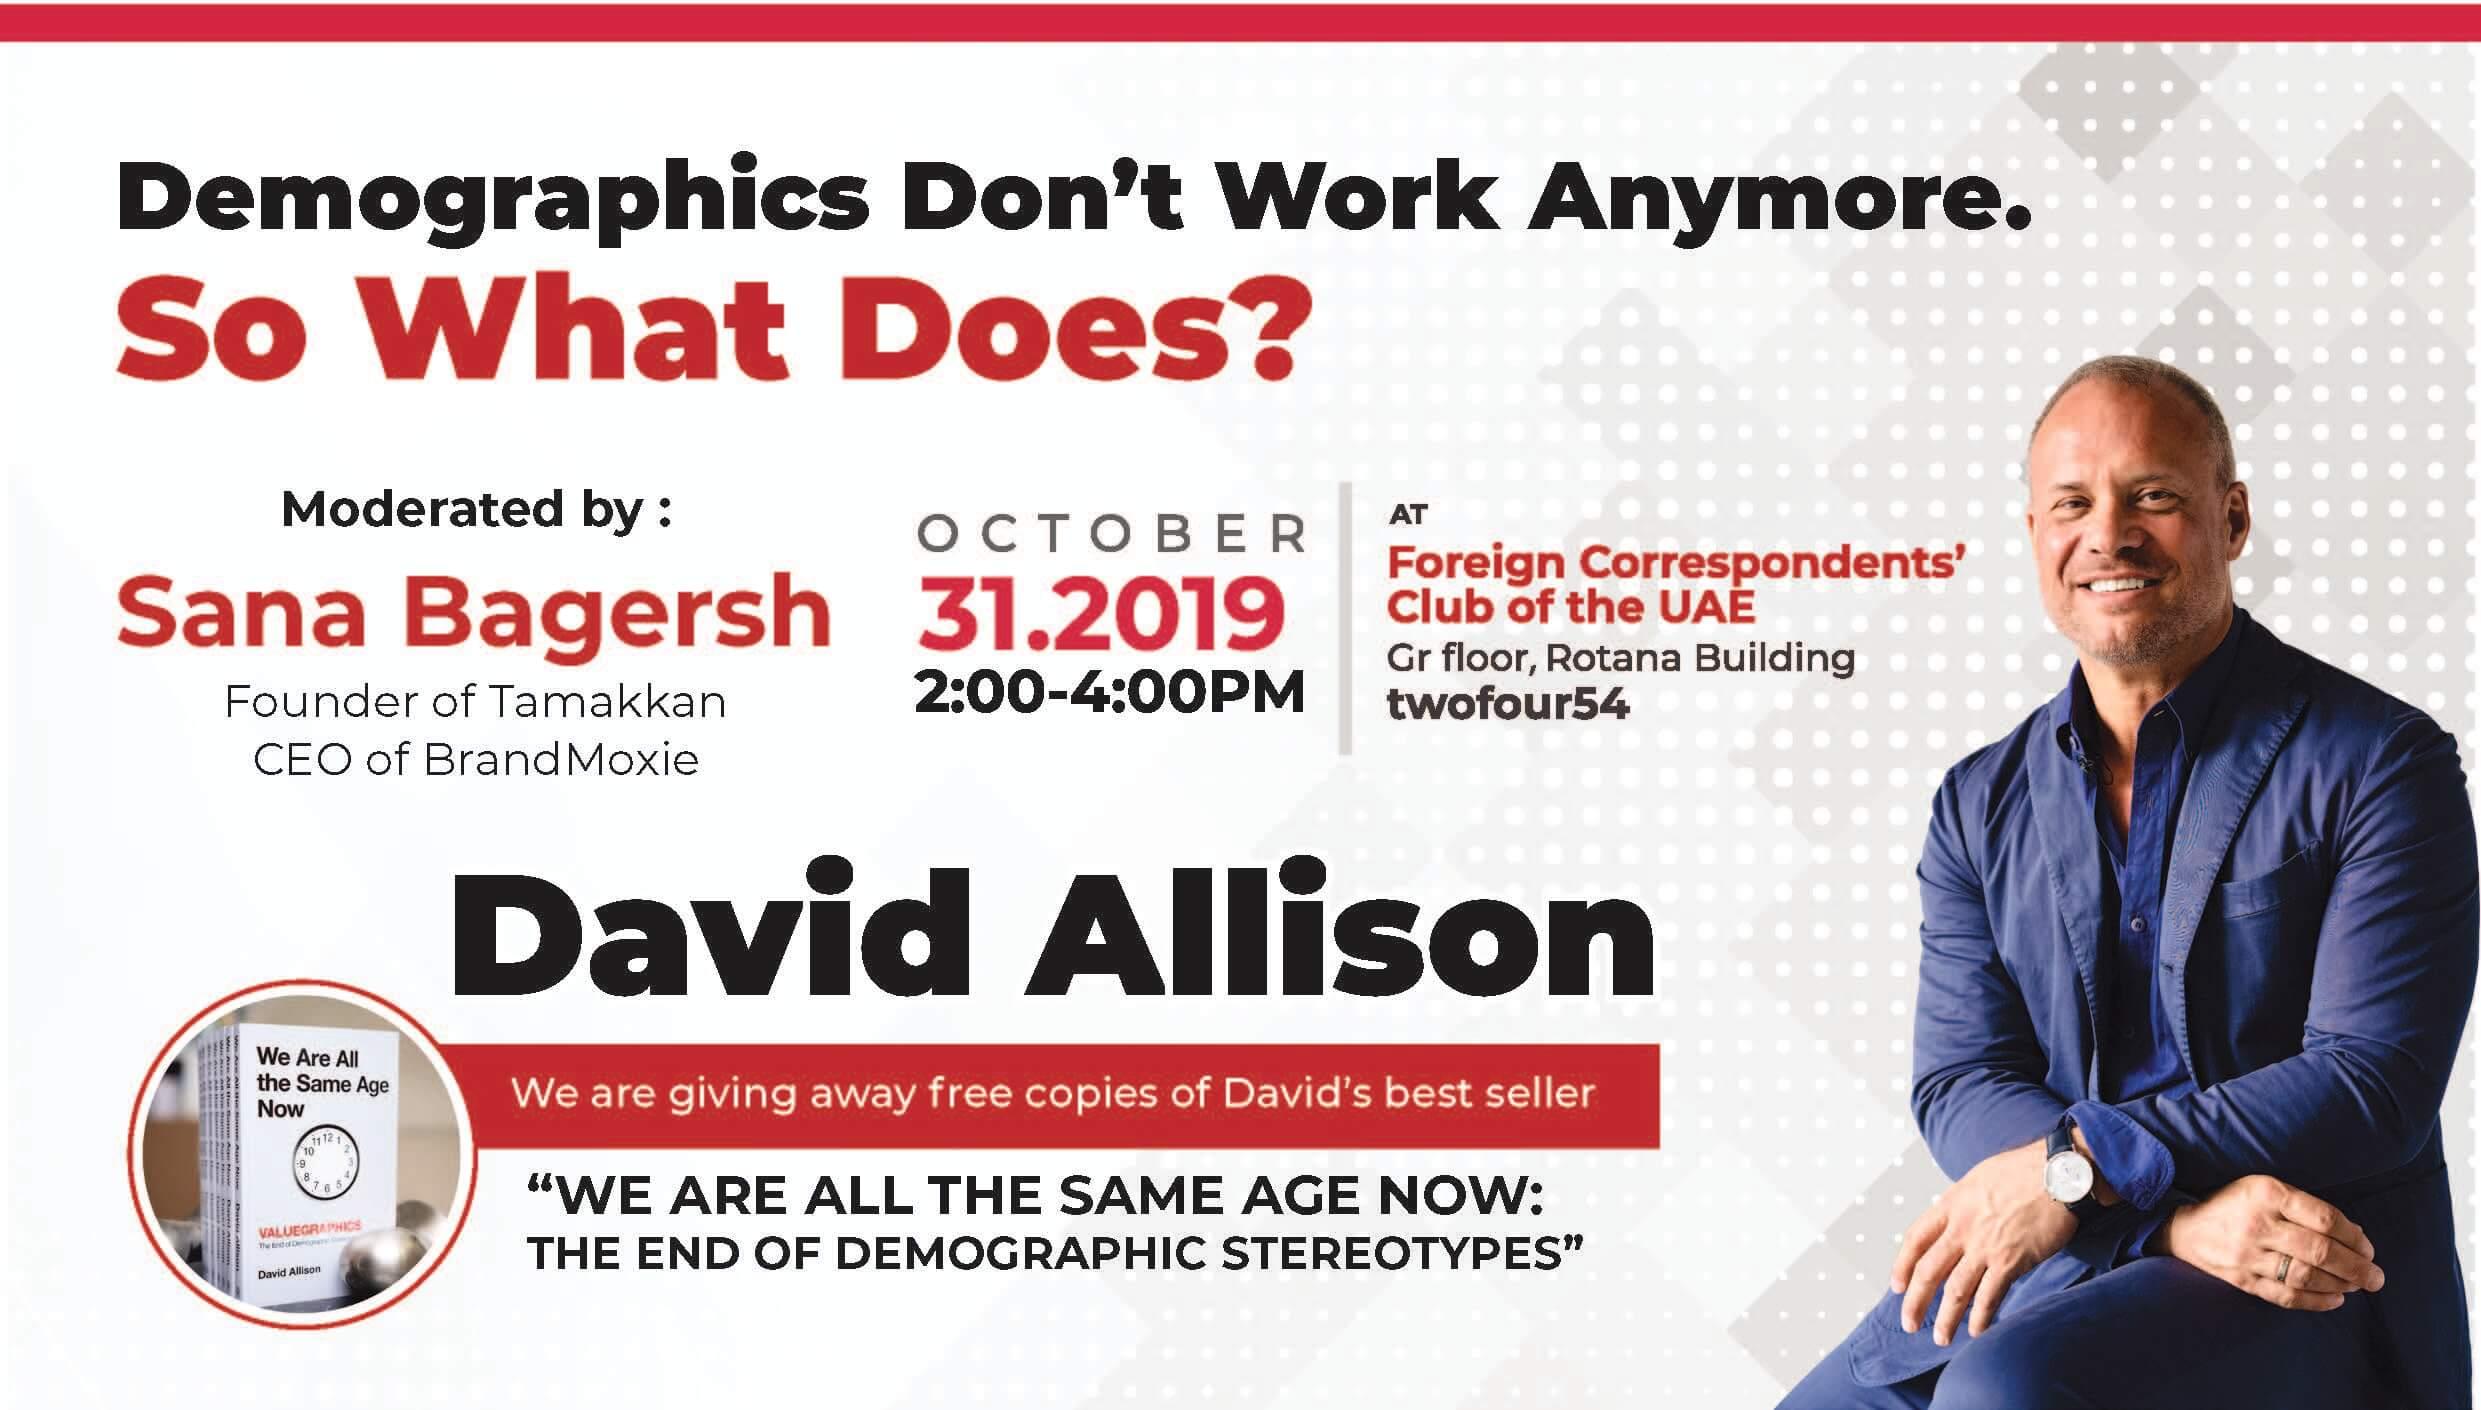 David Allison – Tamakkan on October 31, 2019